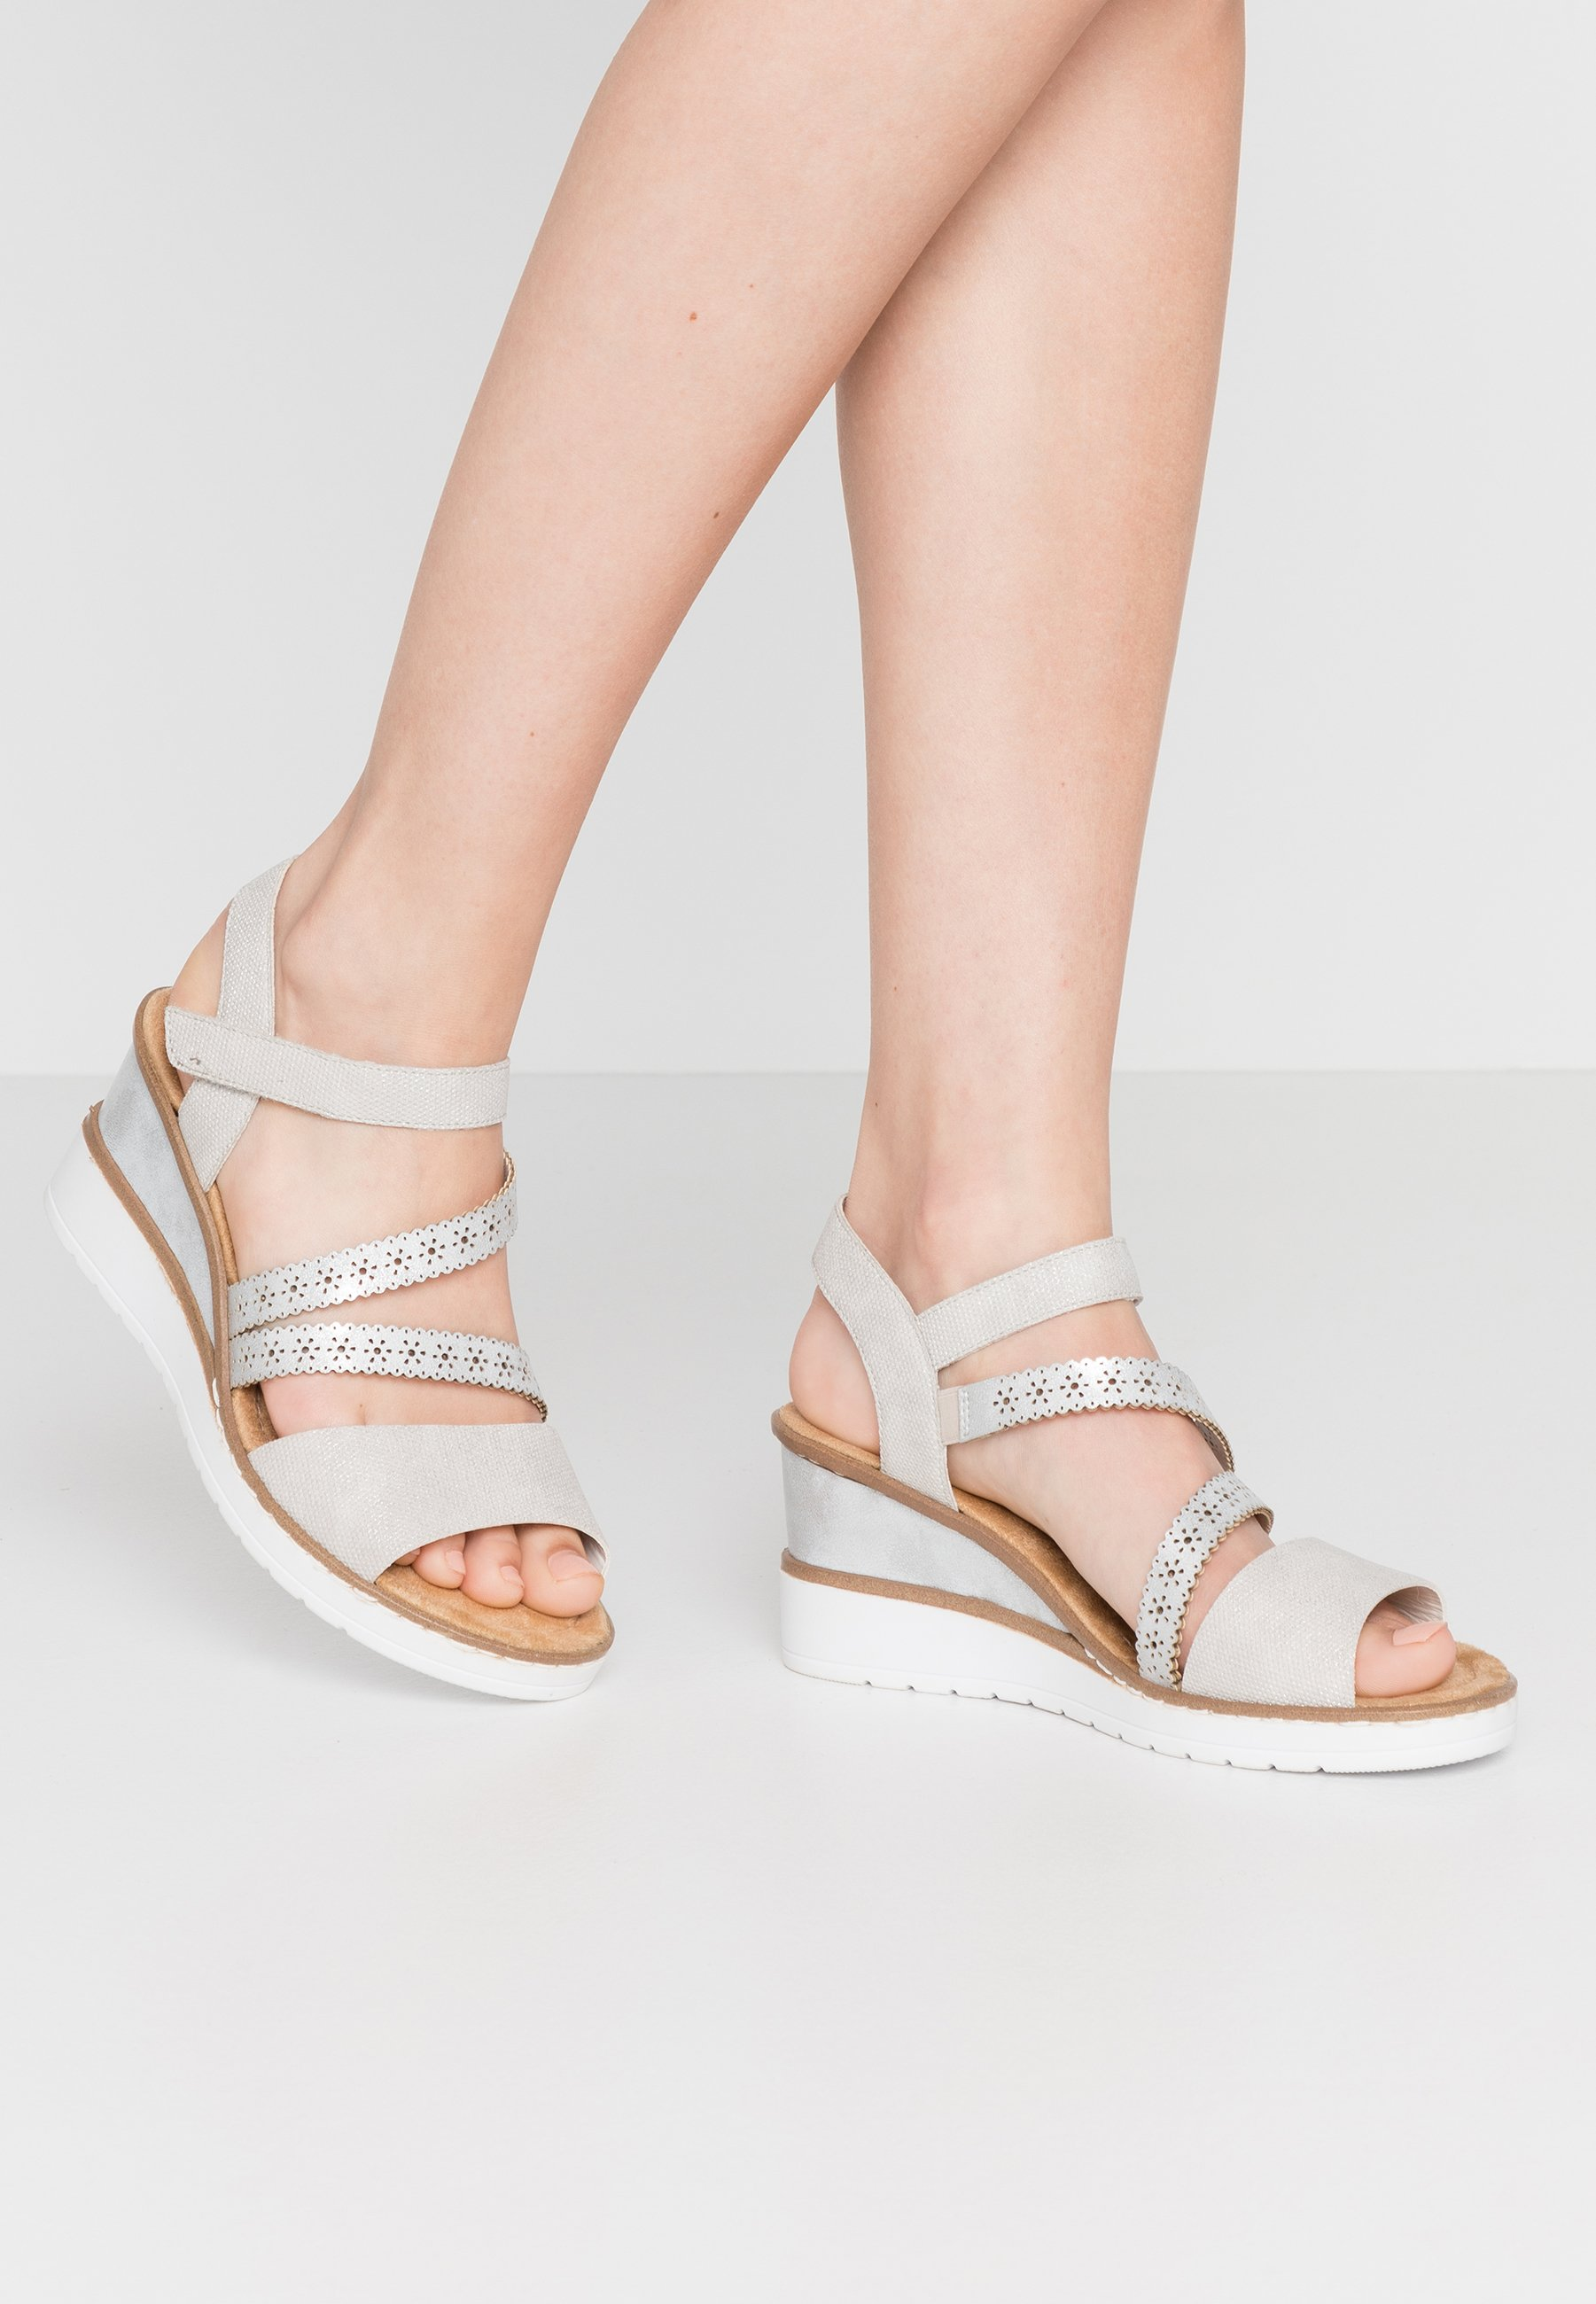 Rieker Dames sandalen online kopen   Gratis verzending   Zalando